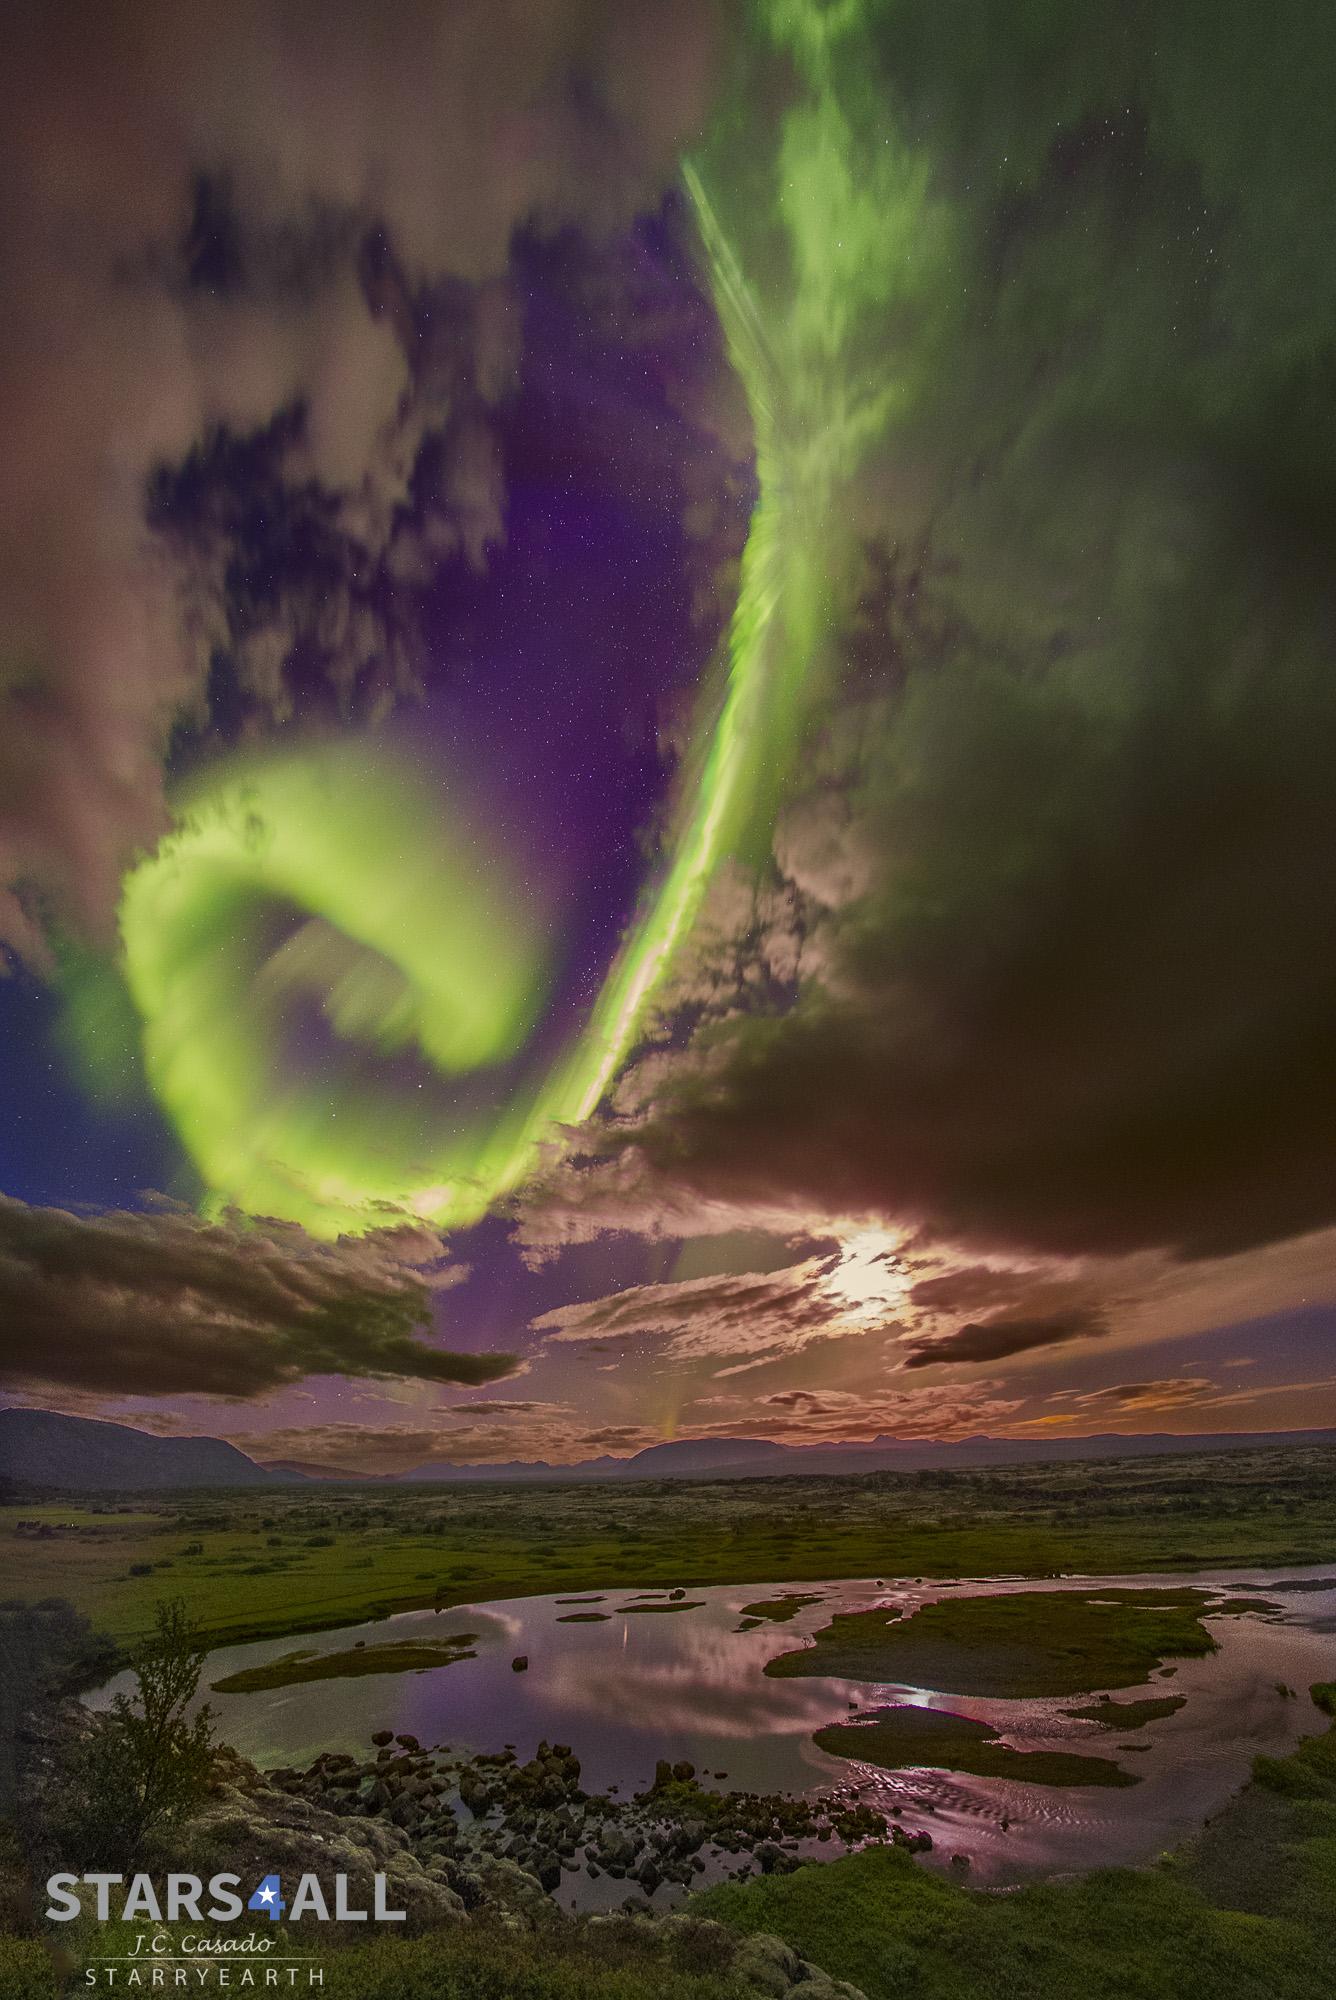 Créditos da imaxe e copyright: Juan Carlos Casado (TWAN, Earth and Stars).